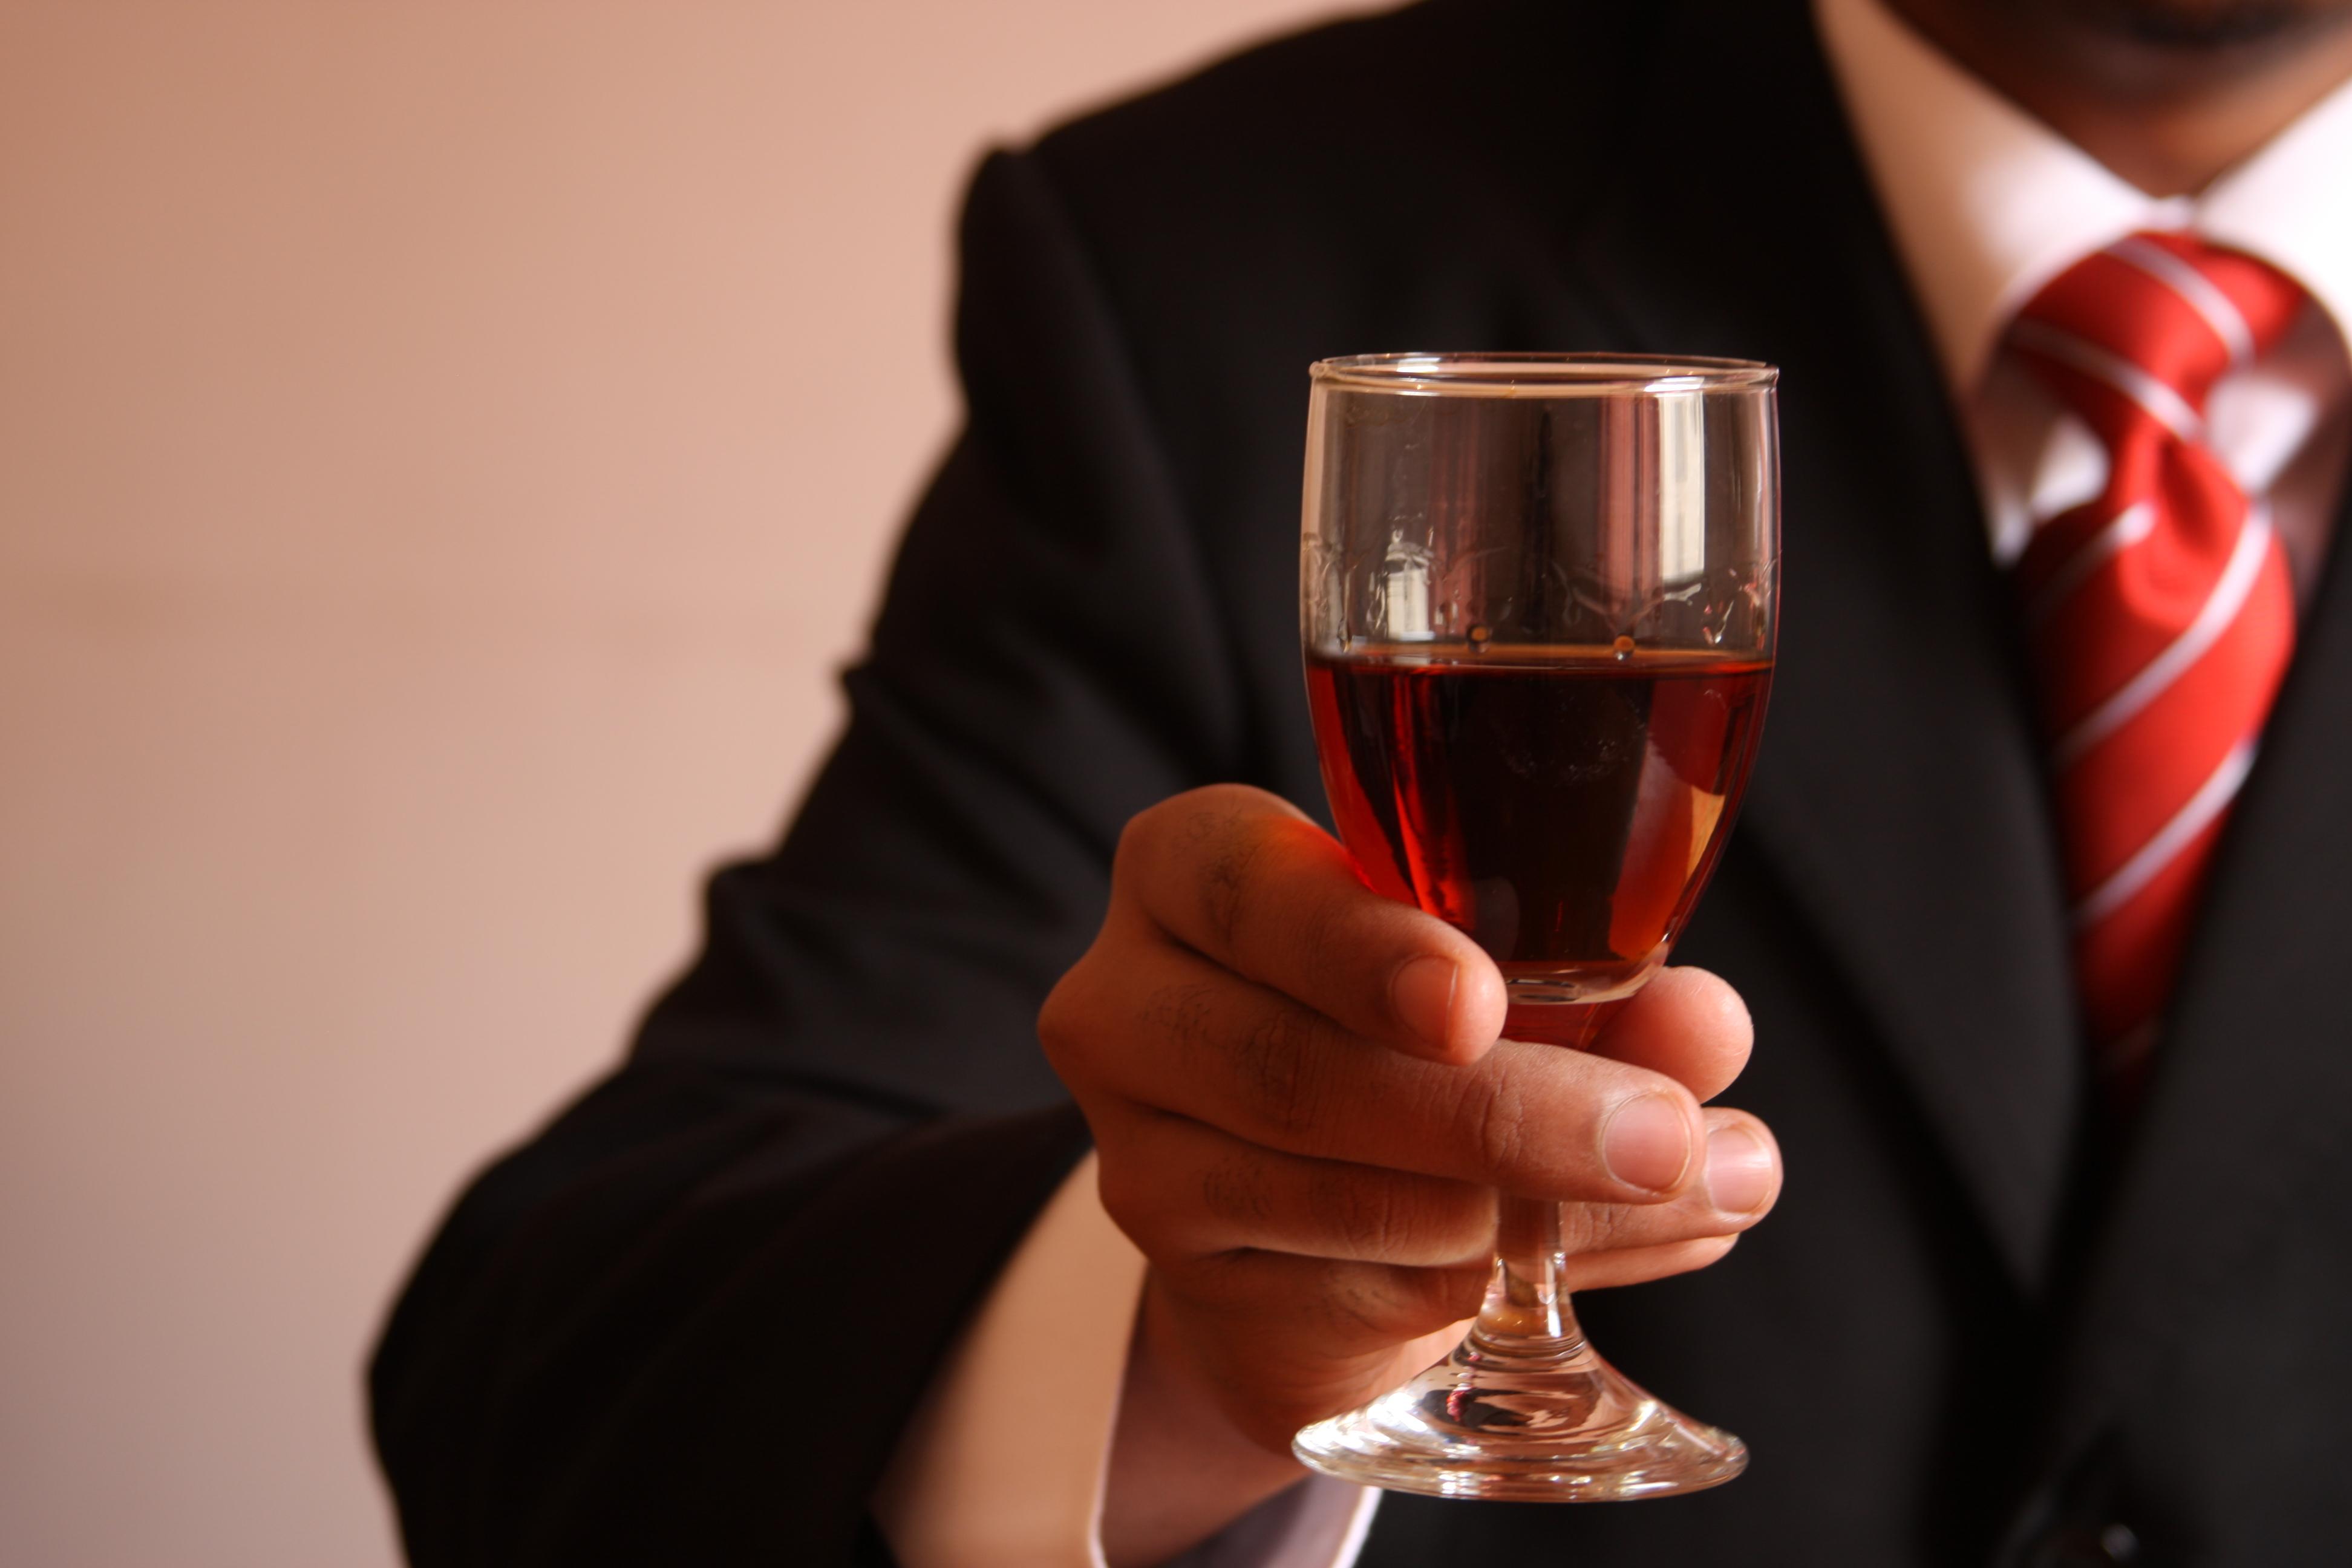 Vinshoppen inviterer til vinsmagning